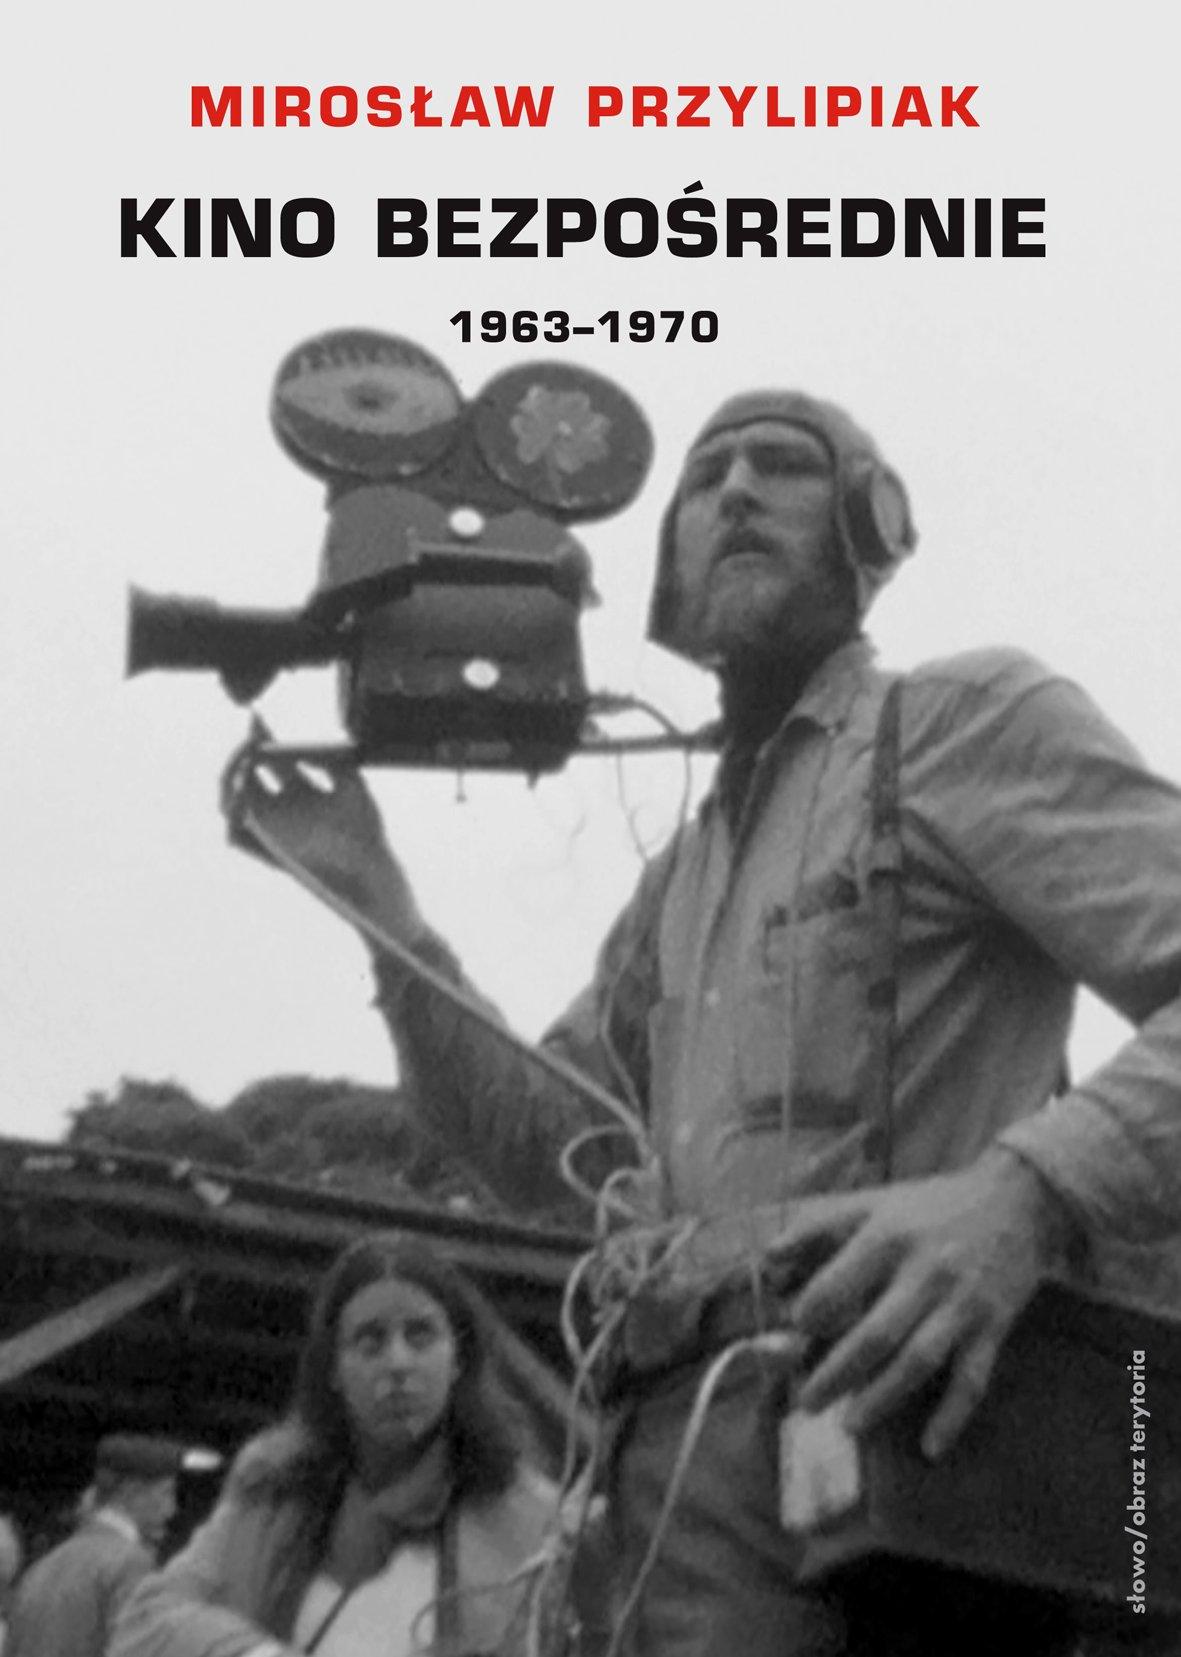 Kino bezpośrednie. Tom III. Między obserwacją a ideologią - Ebook (Książka na Kindle) do pobrania w formacie MOBI